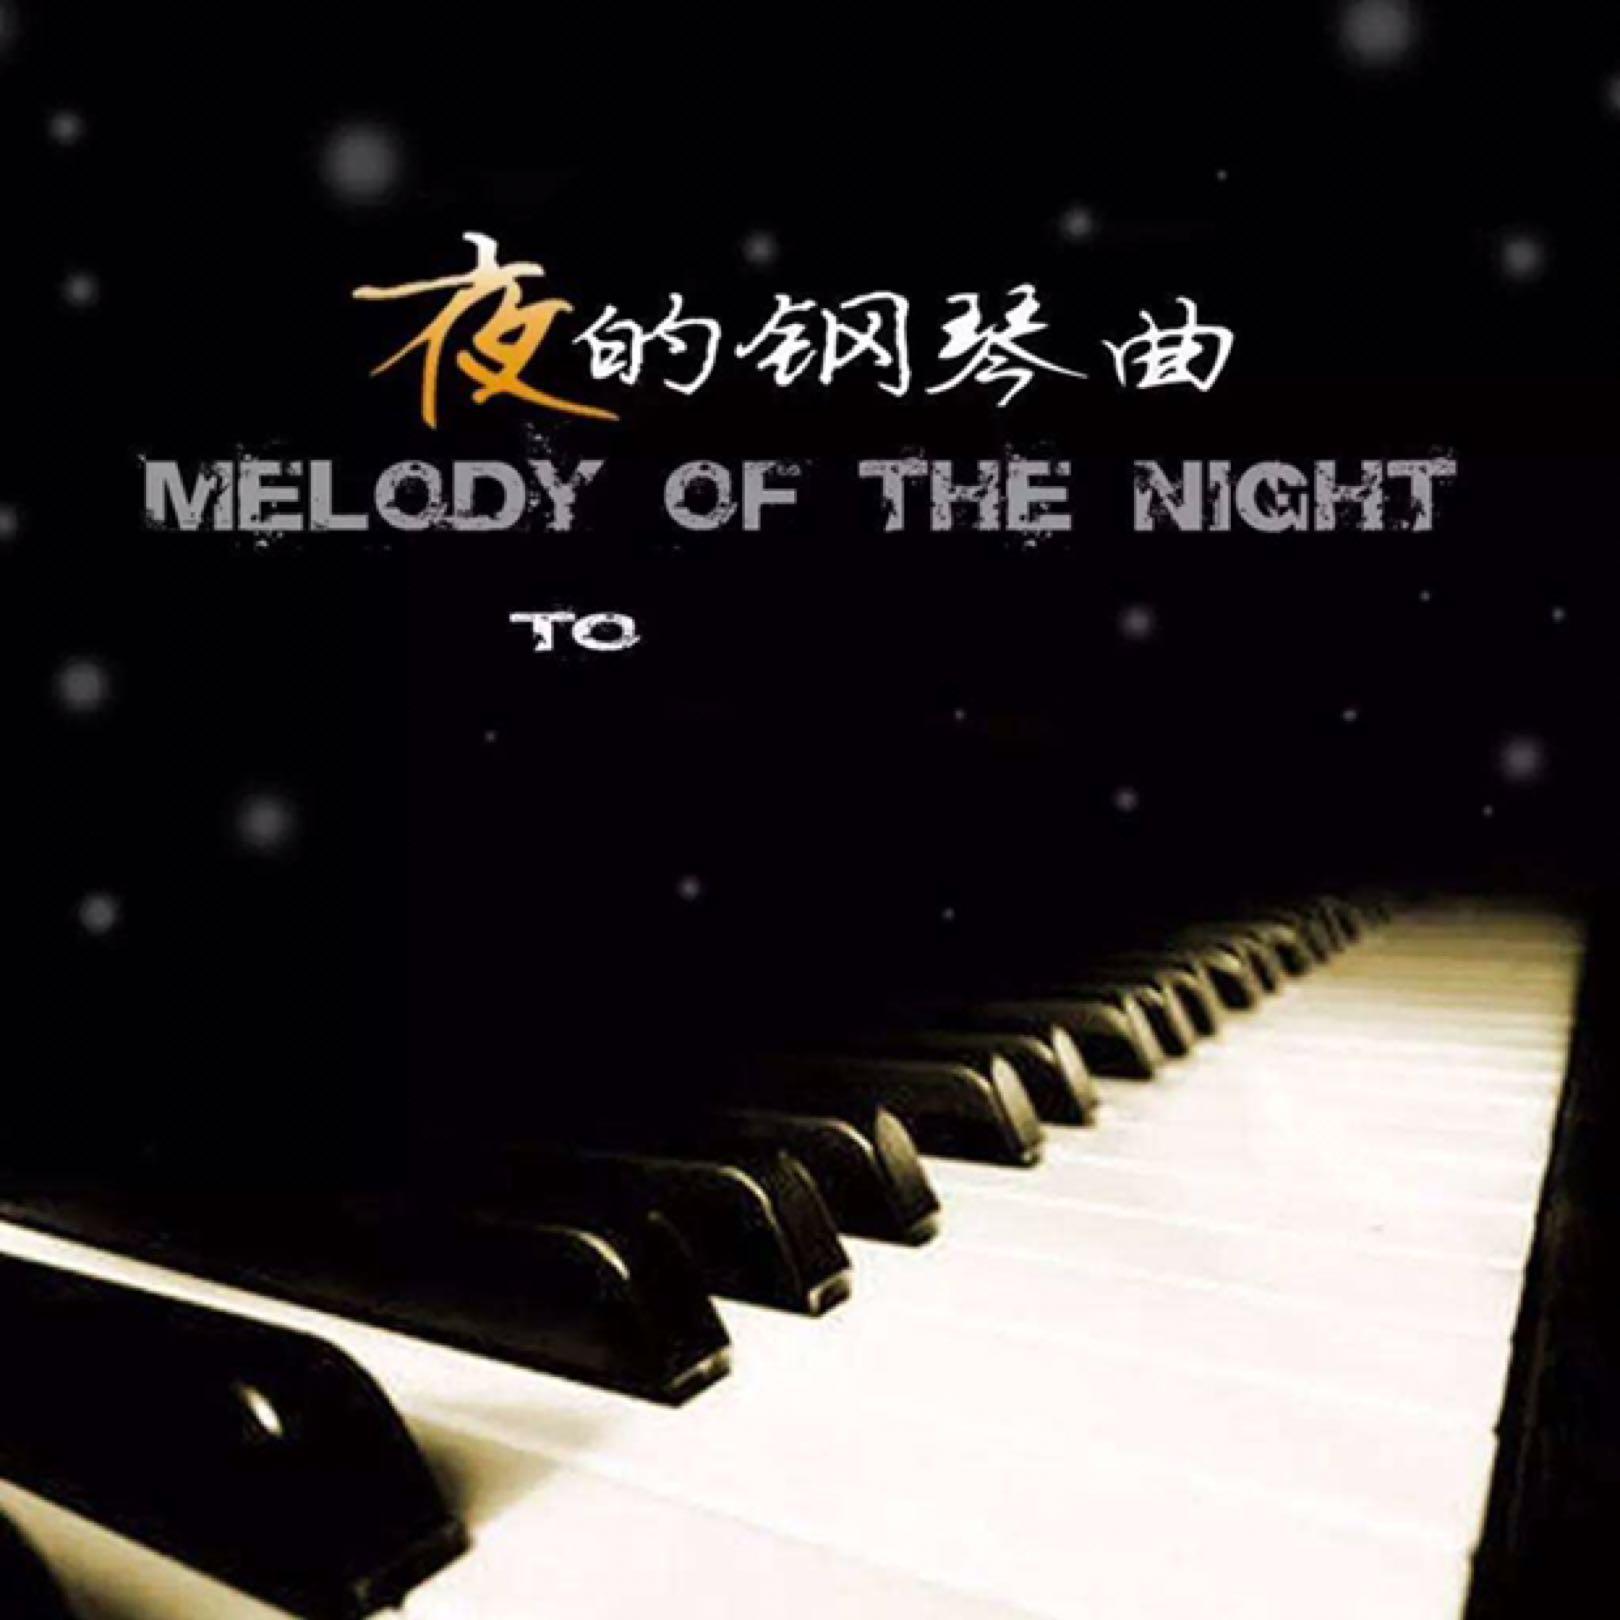 夜的钢琴曲